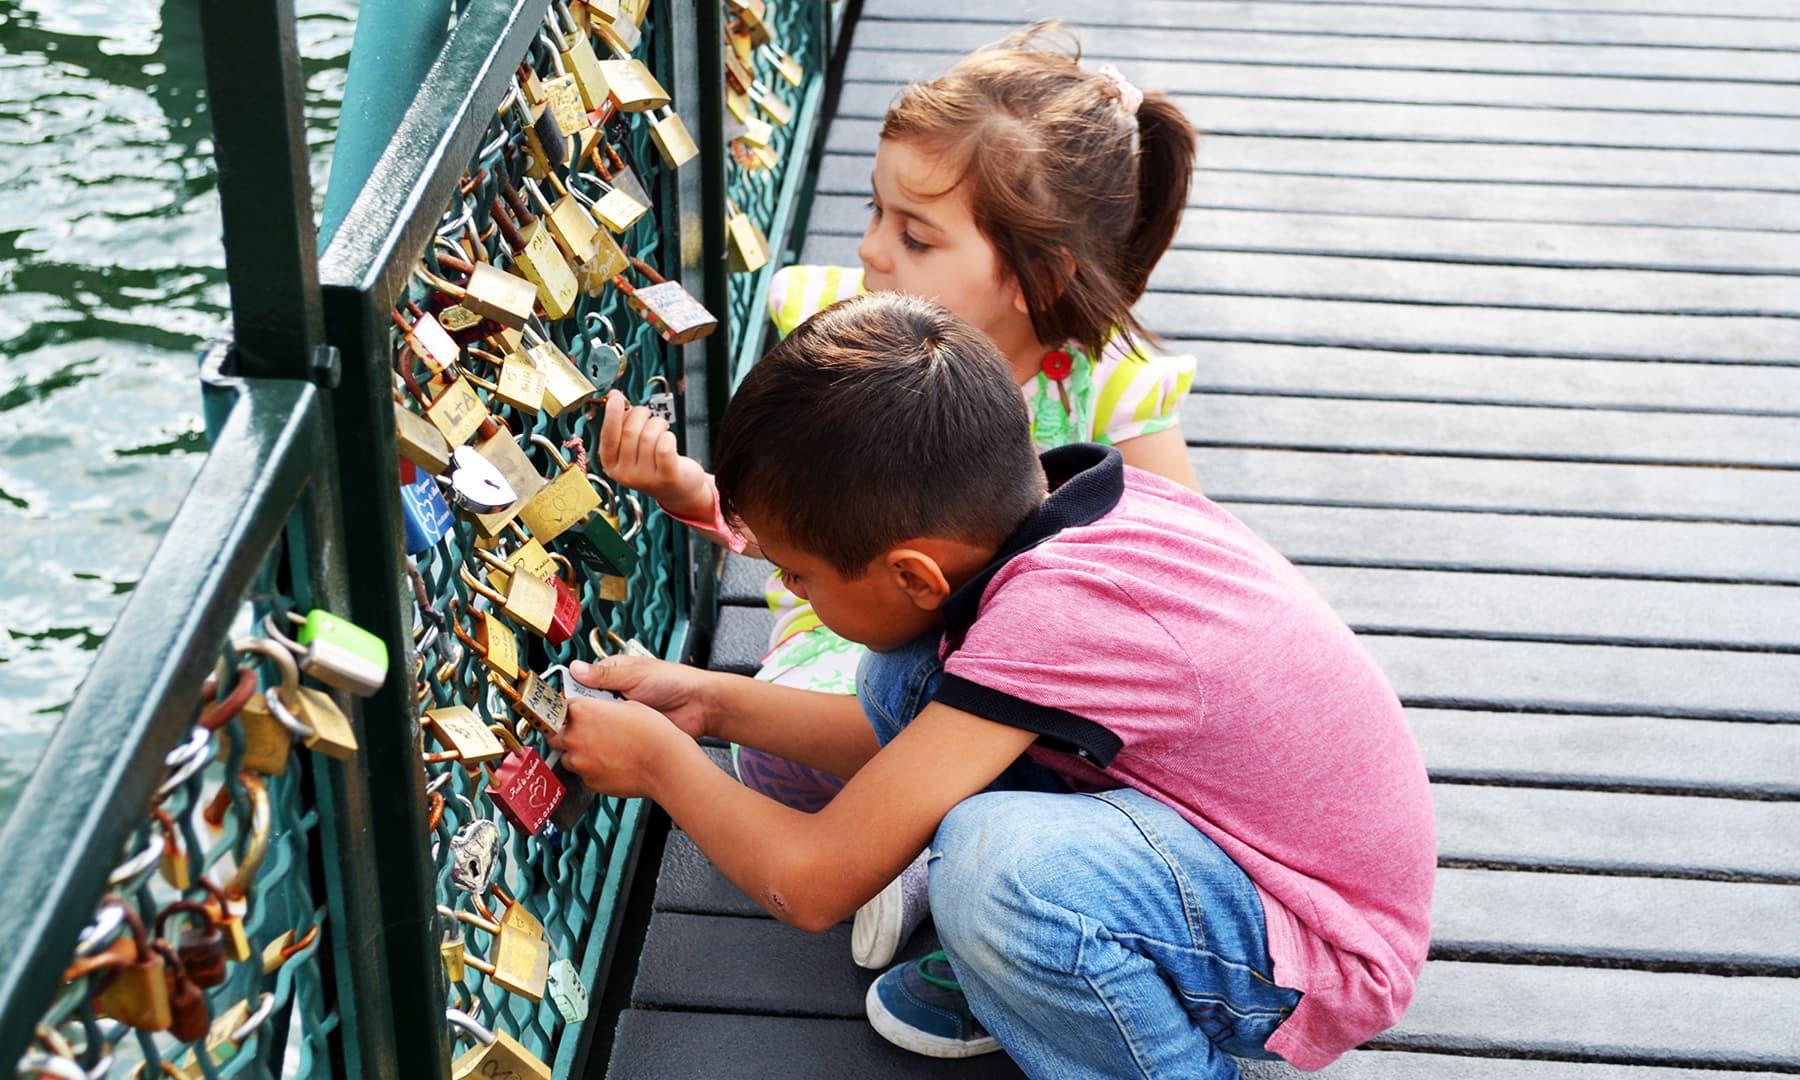 پل پر بچے تالوں کو دیکھ رہے ہیں —فوٹو رمضان رفیق